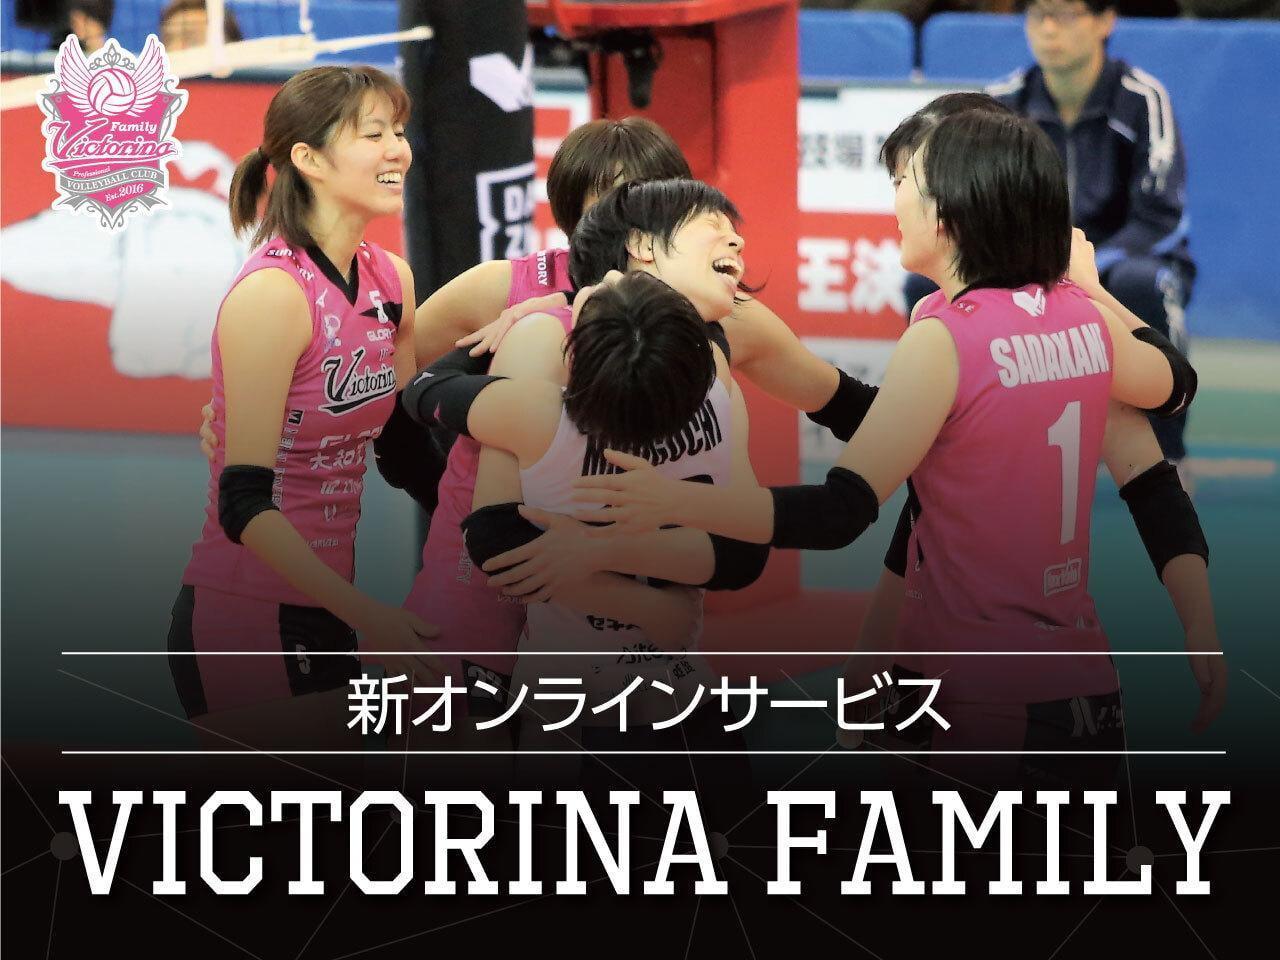 【ヴィクトリーナ姫路】公式ファンサイト「ヴィクトリーナファミリー」がオープン!